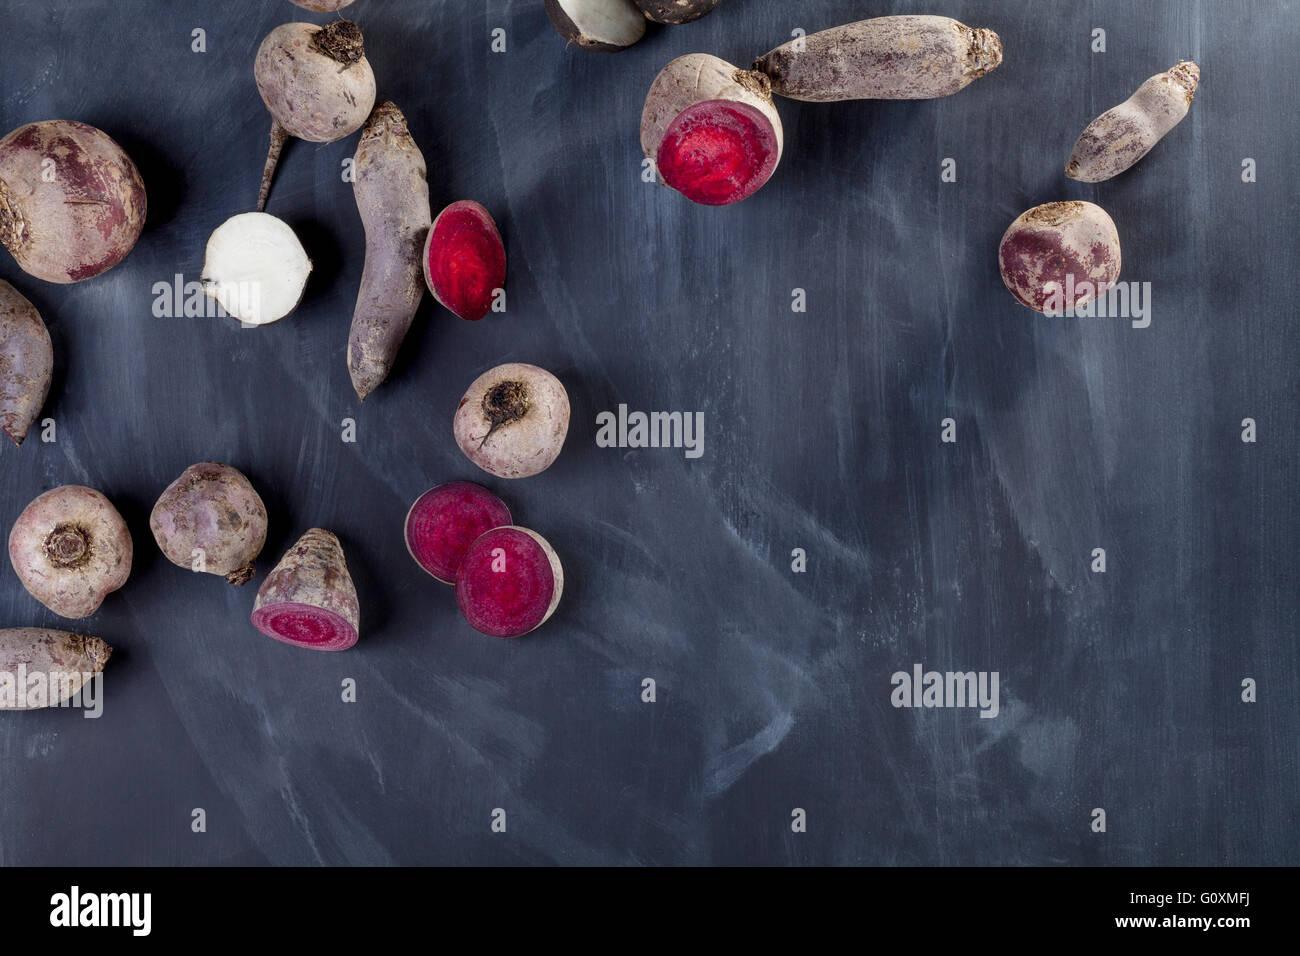 Les tranches de betterave et navet sur tableau noir du haut Photo Stock